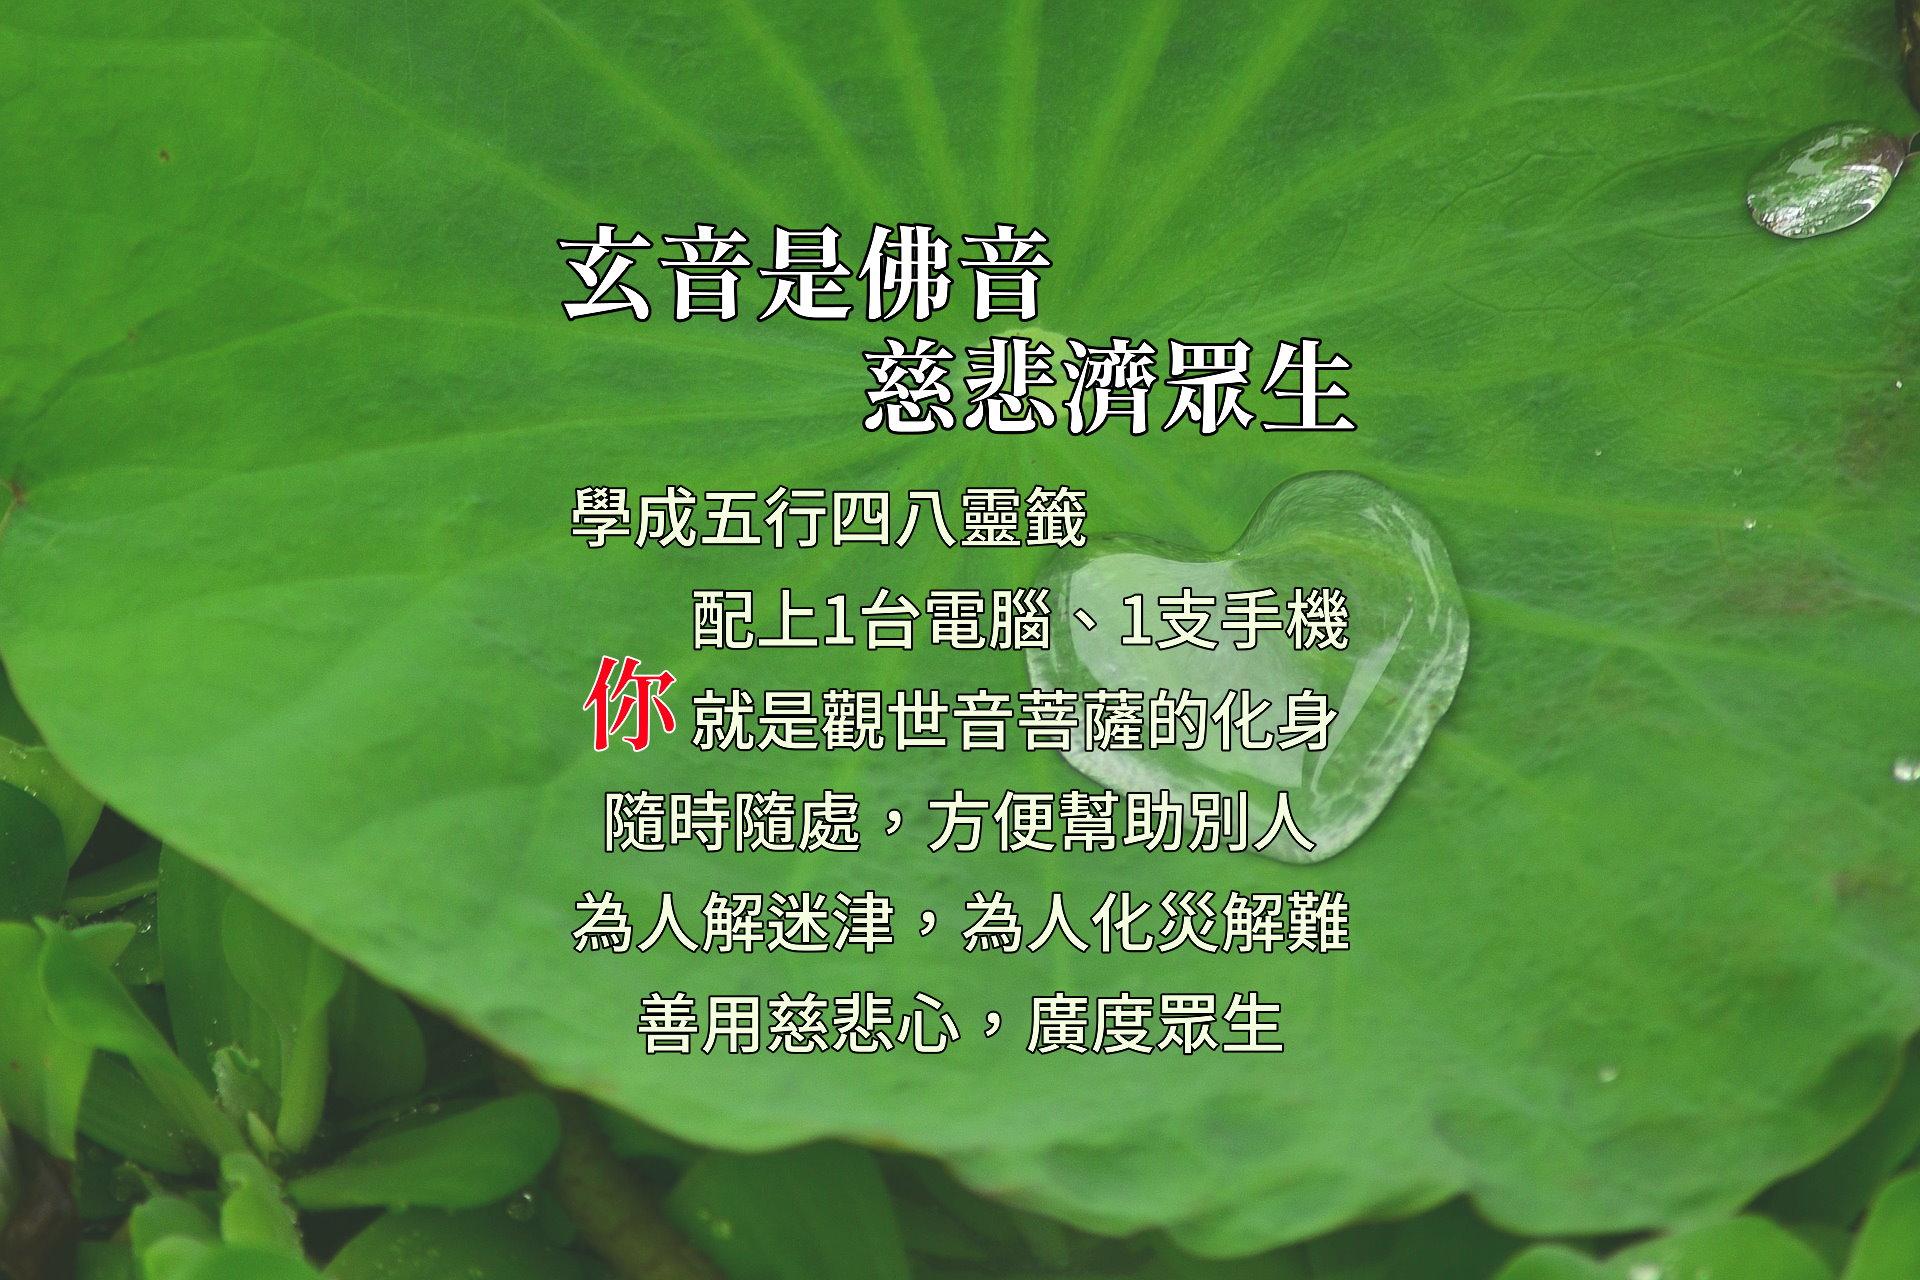 紫竹林觀世音菩薩 祈願法